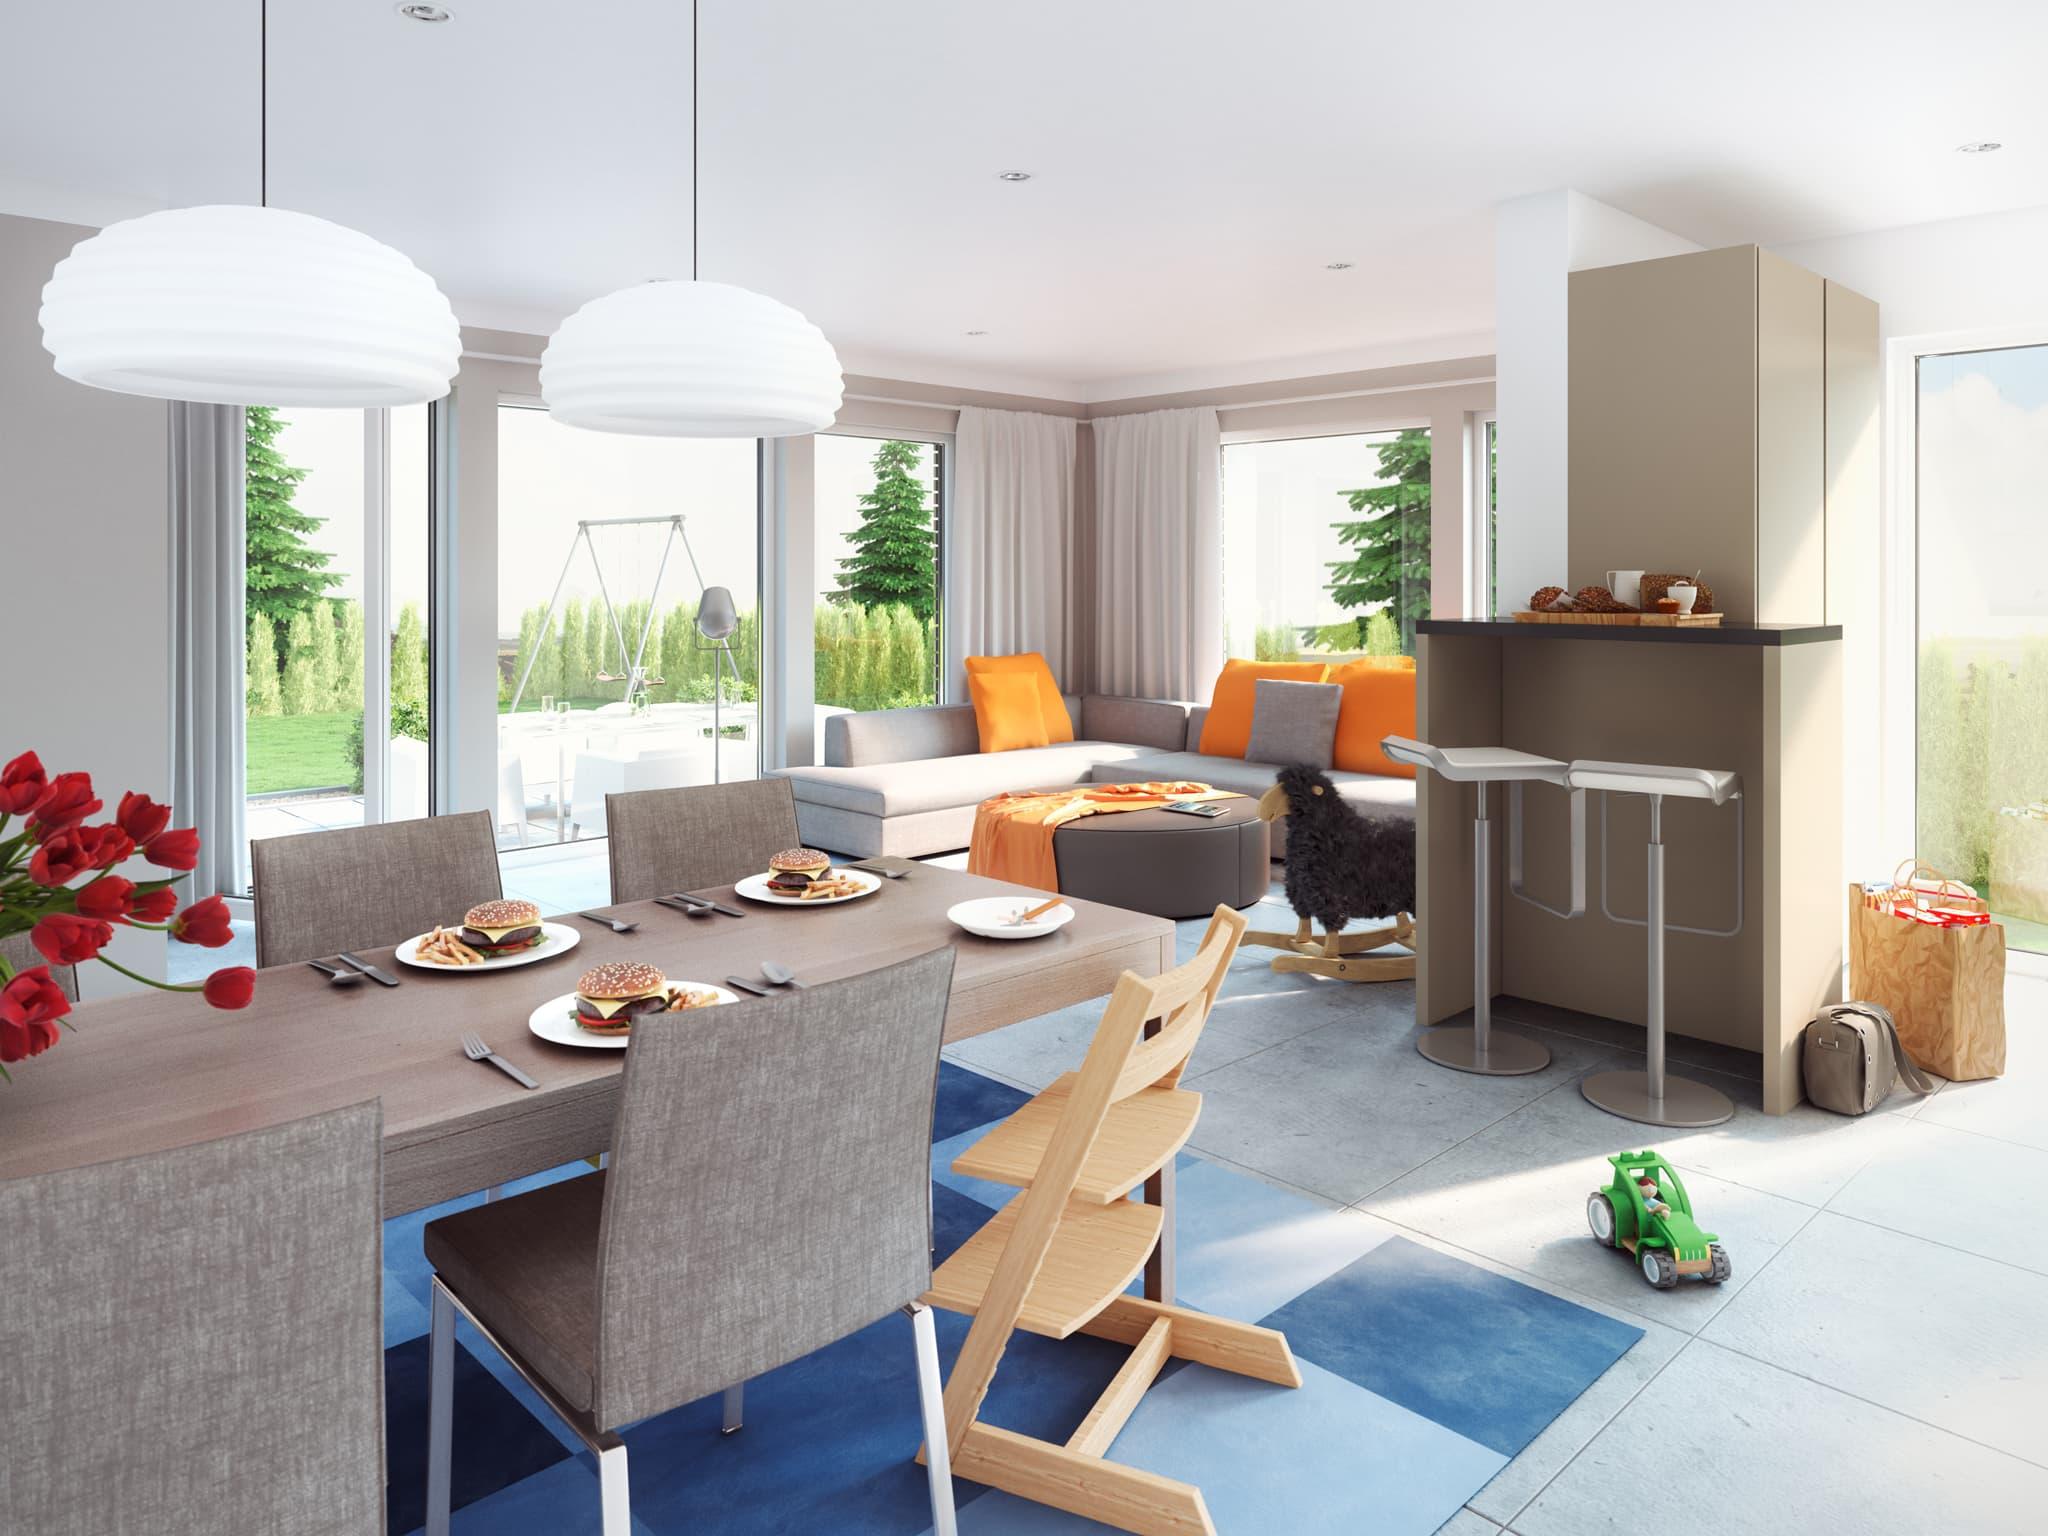 Offenes Wohn- Esszimmer - Ideen Inneneinrichtung Living Haus SOLUTION 183 V4 - HausbauDirekt.de